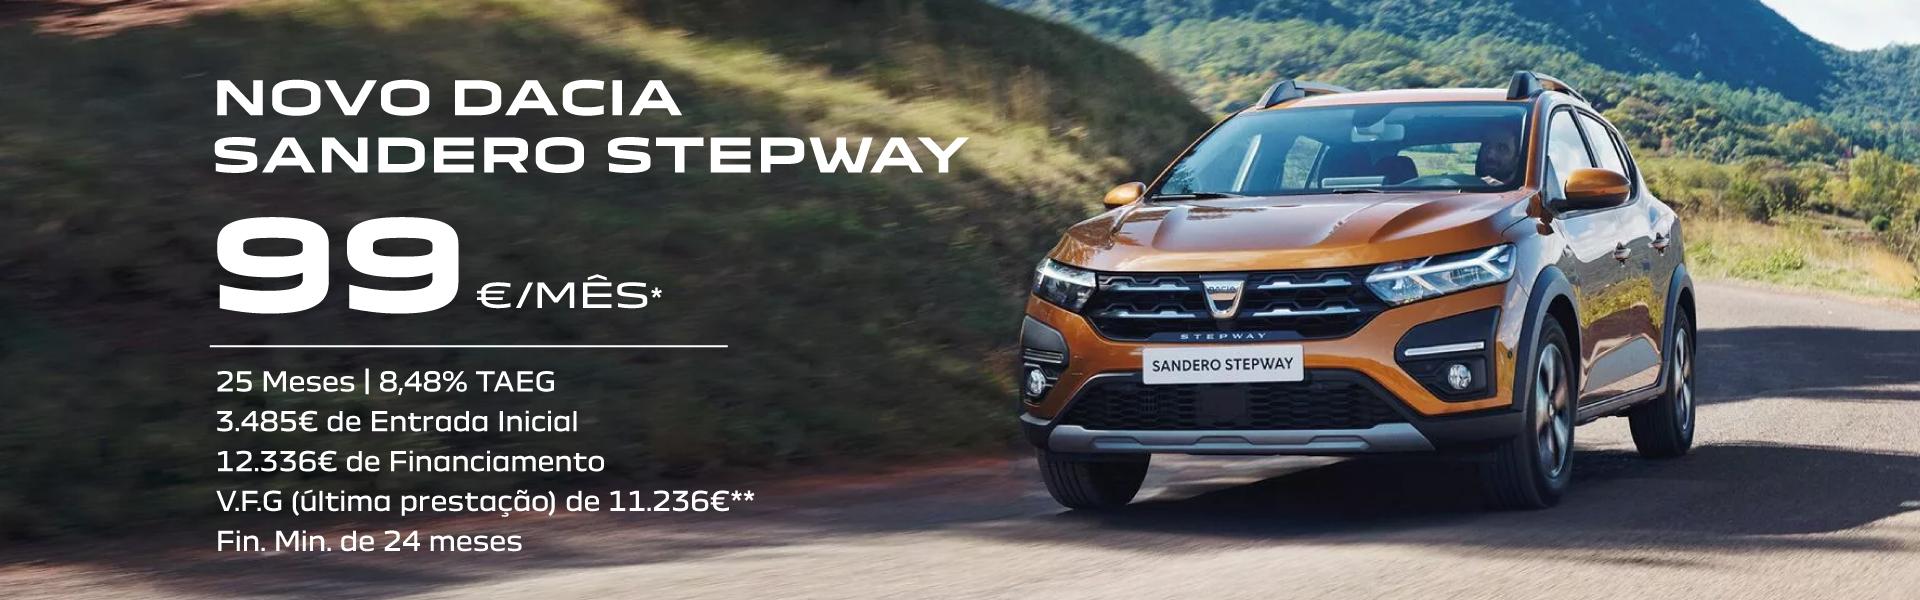 Campanha Dacia Sandero Stepway